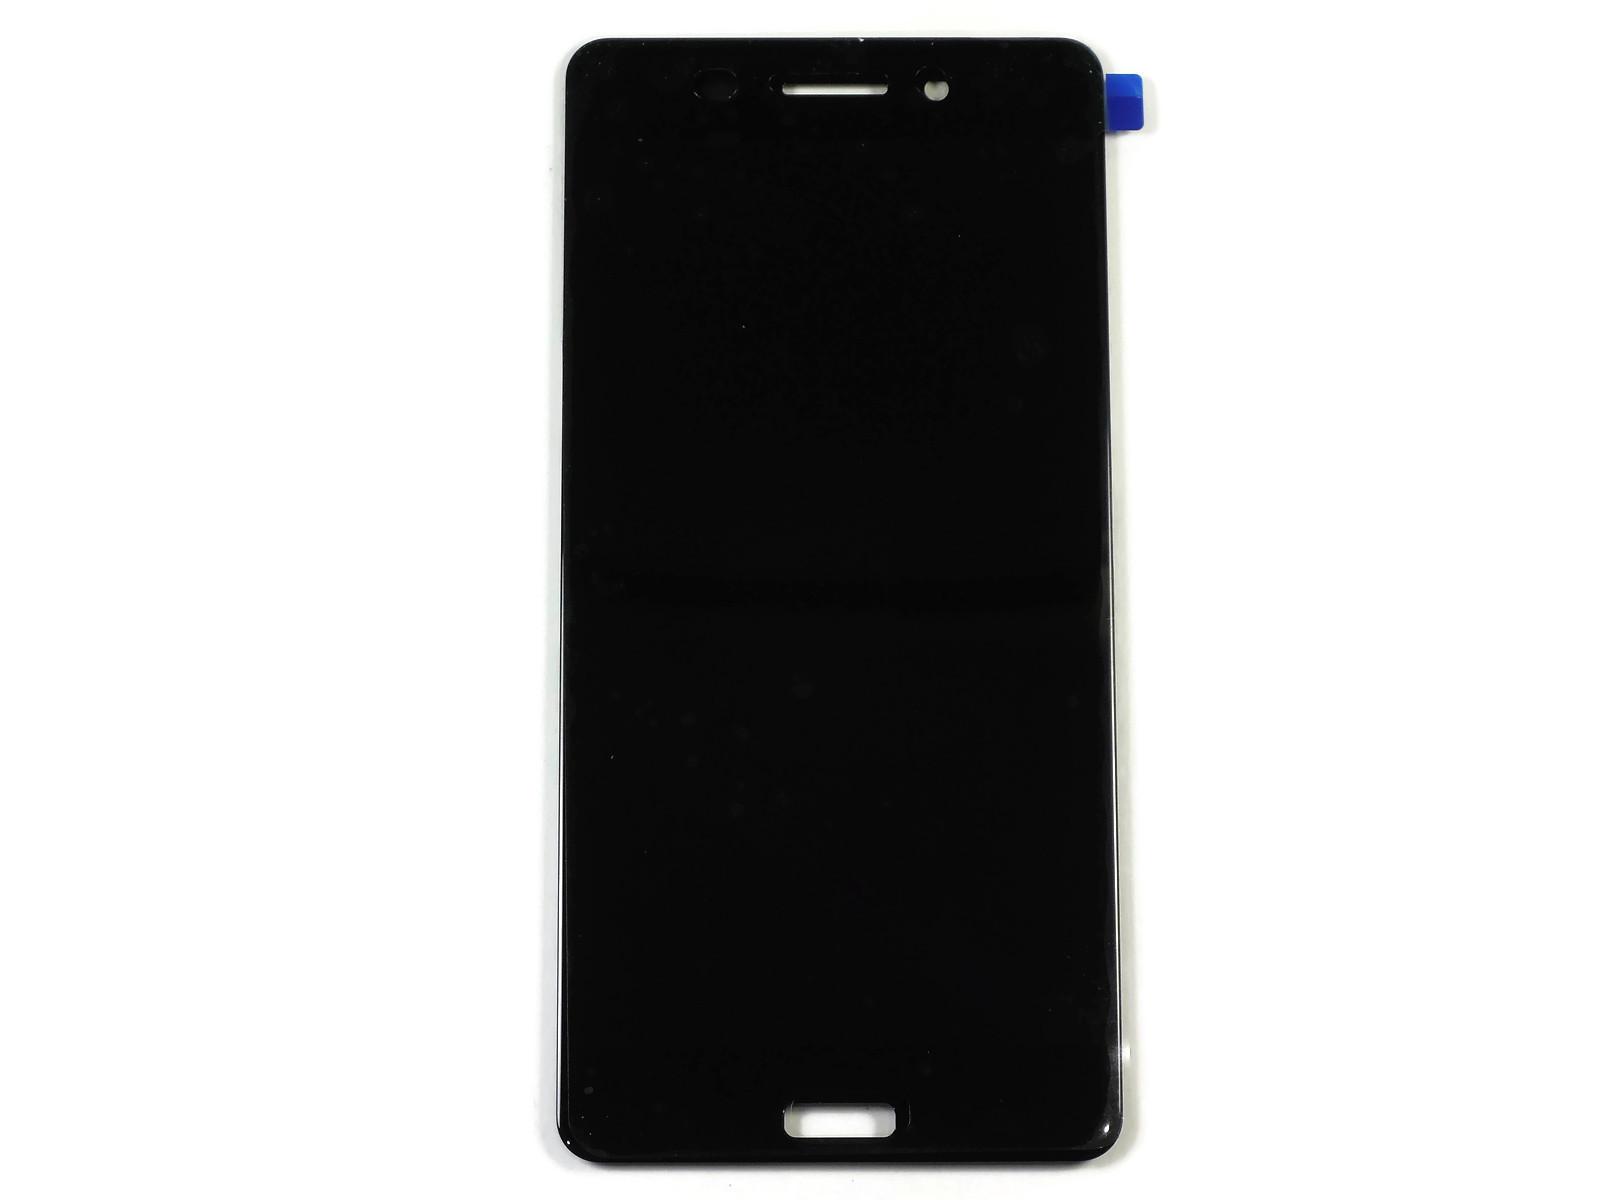 Дисплей Nokia 6 (TA-1021) в сборе с тачскрином чёрный, оригинал